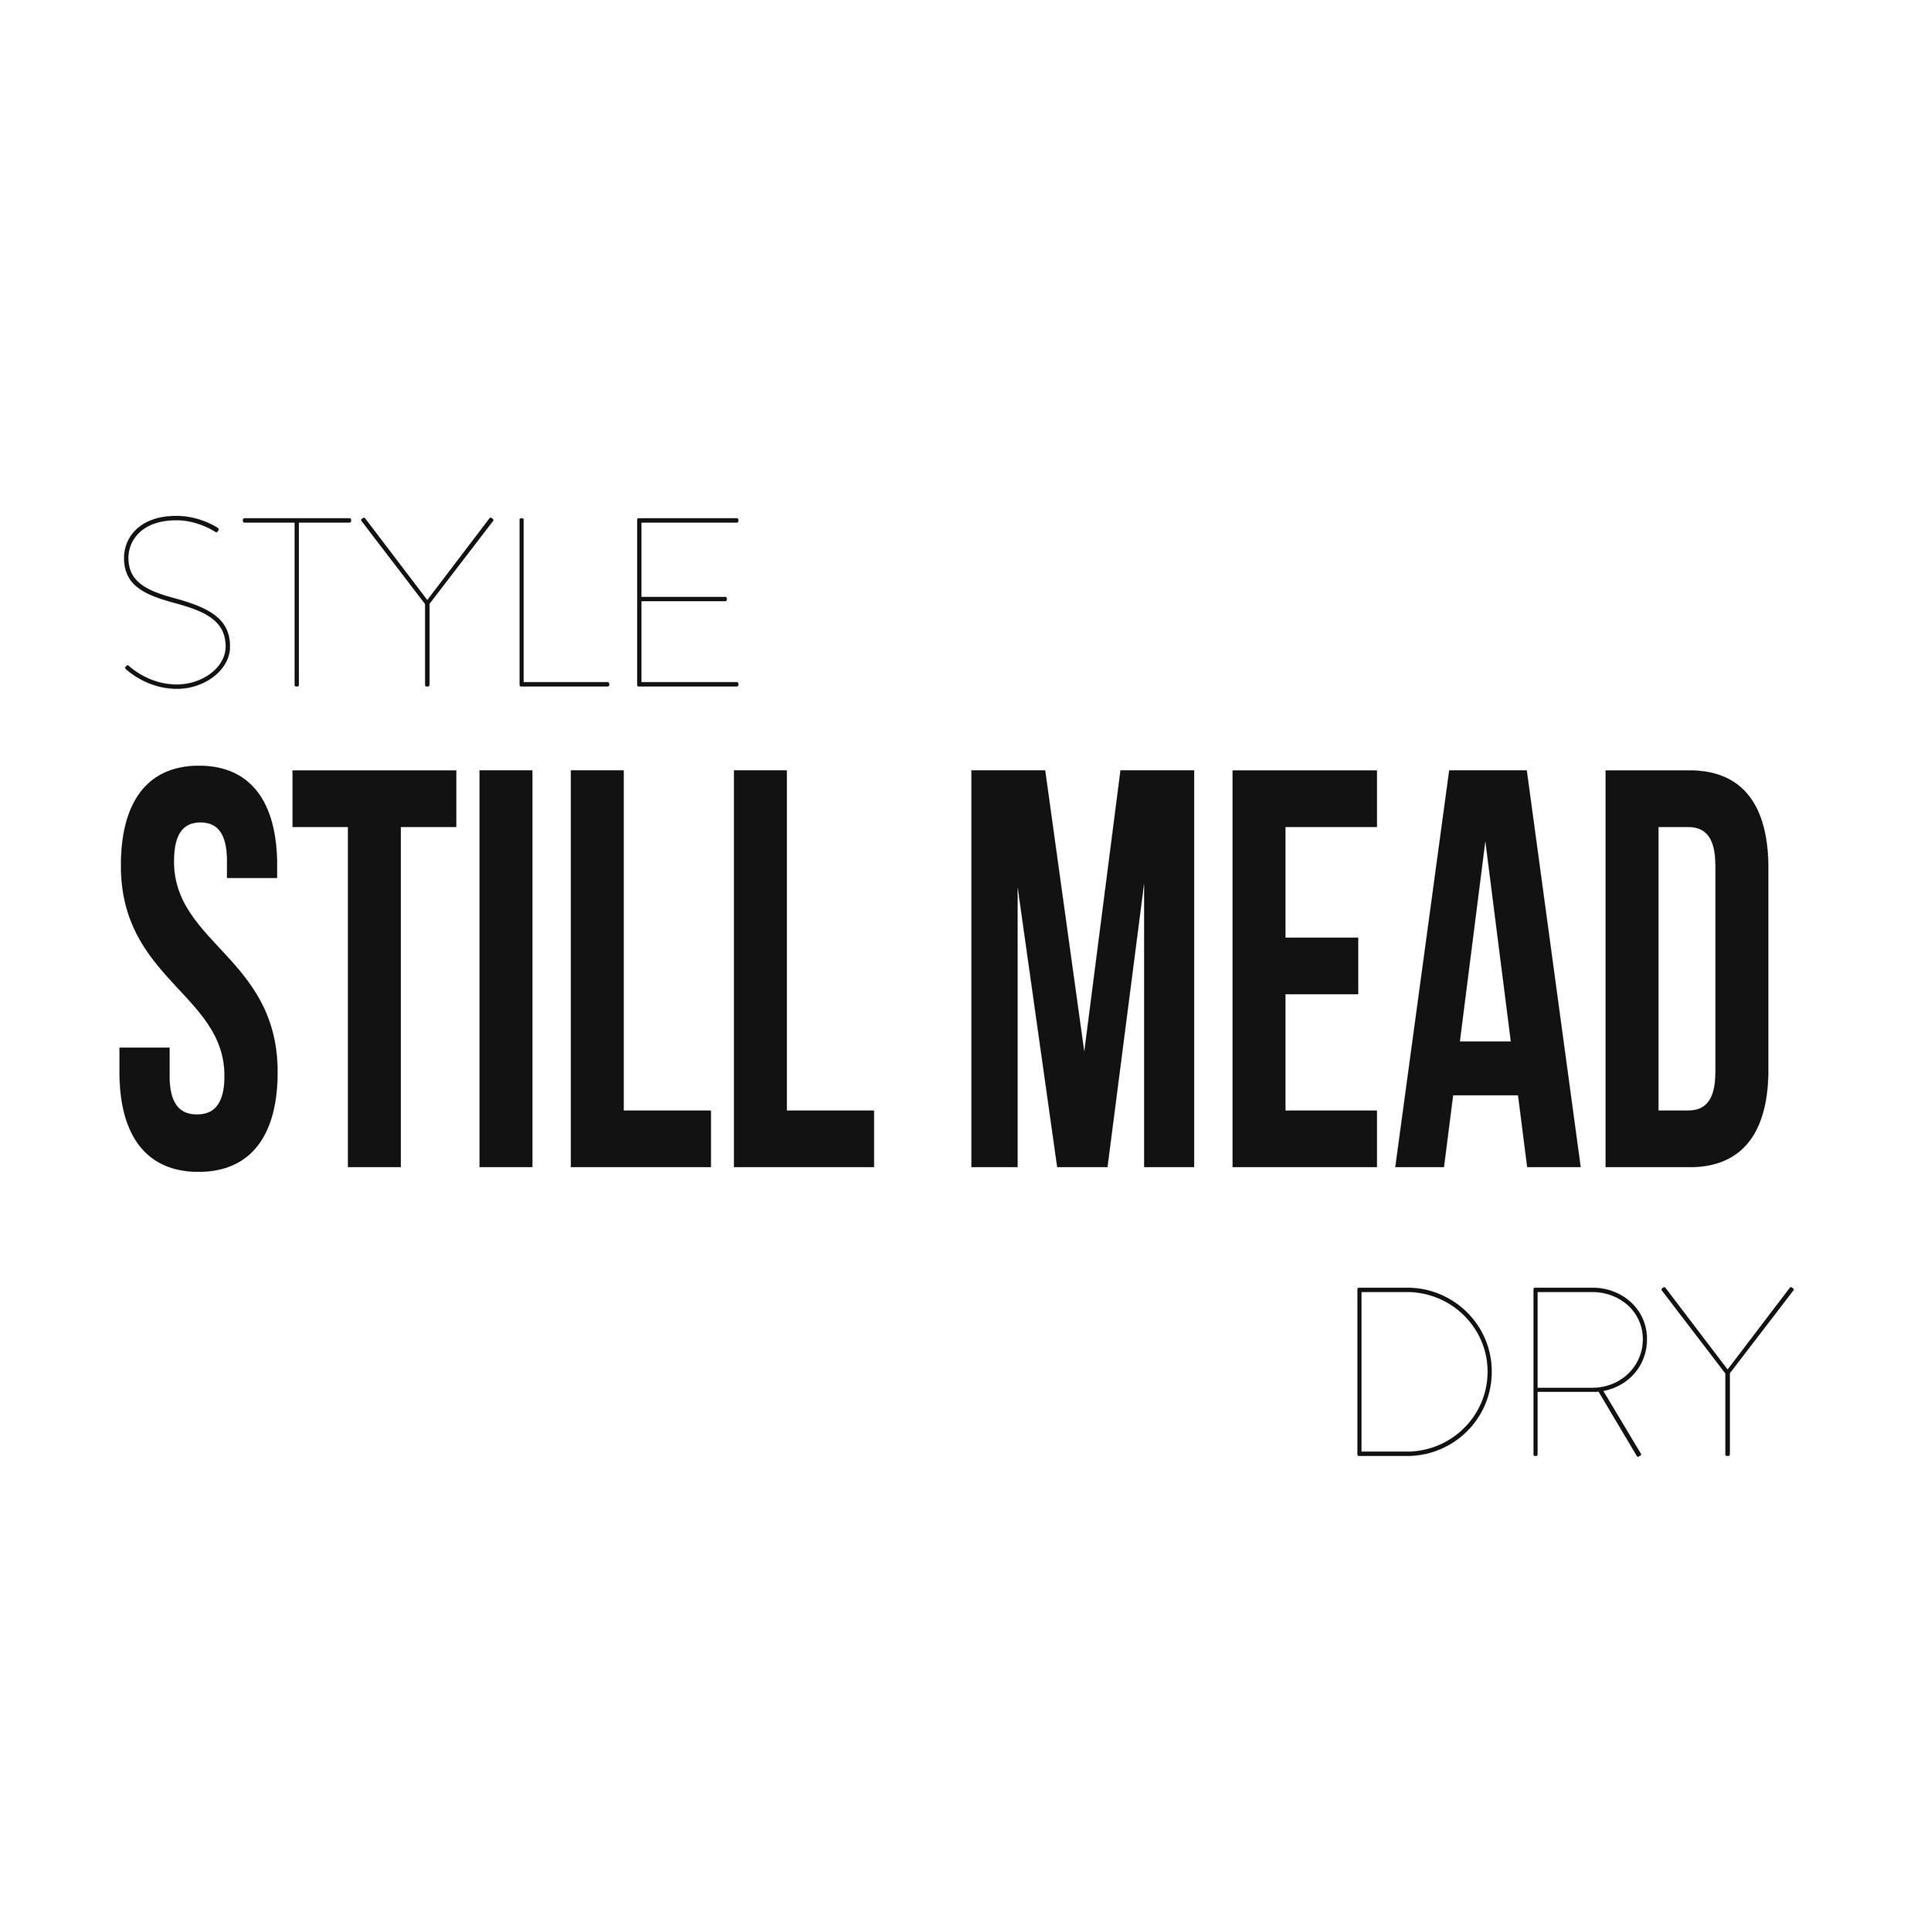 still_stats_Still Dry.png